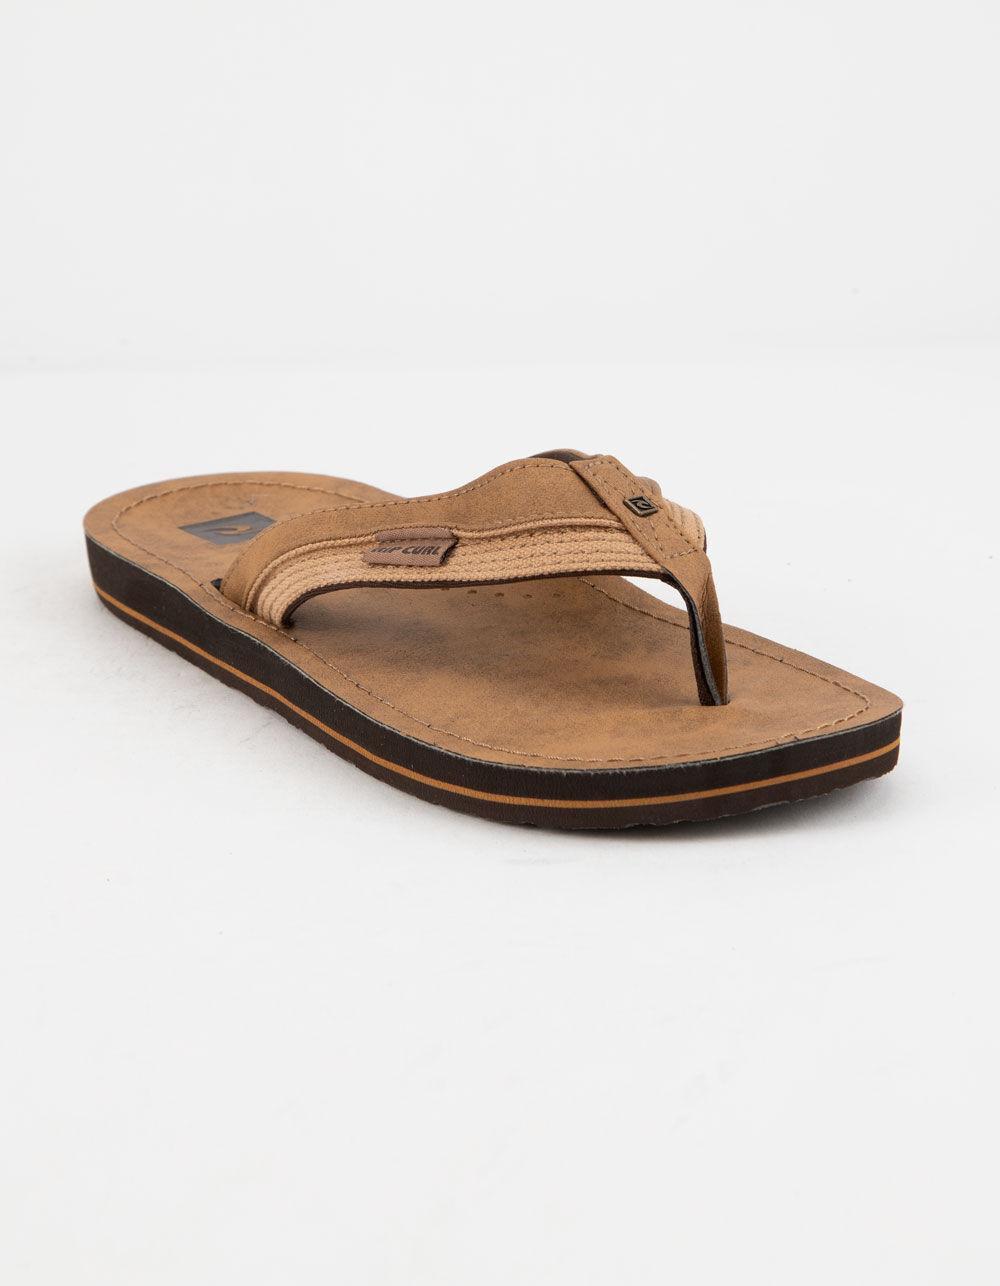 RIP CURL OX Tan Sandals